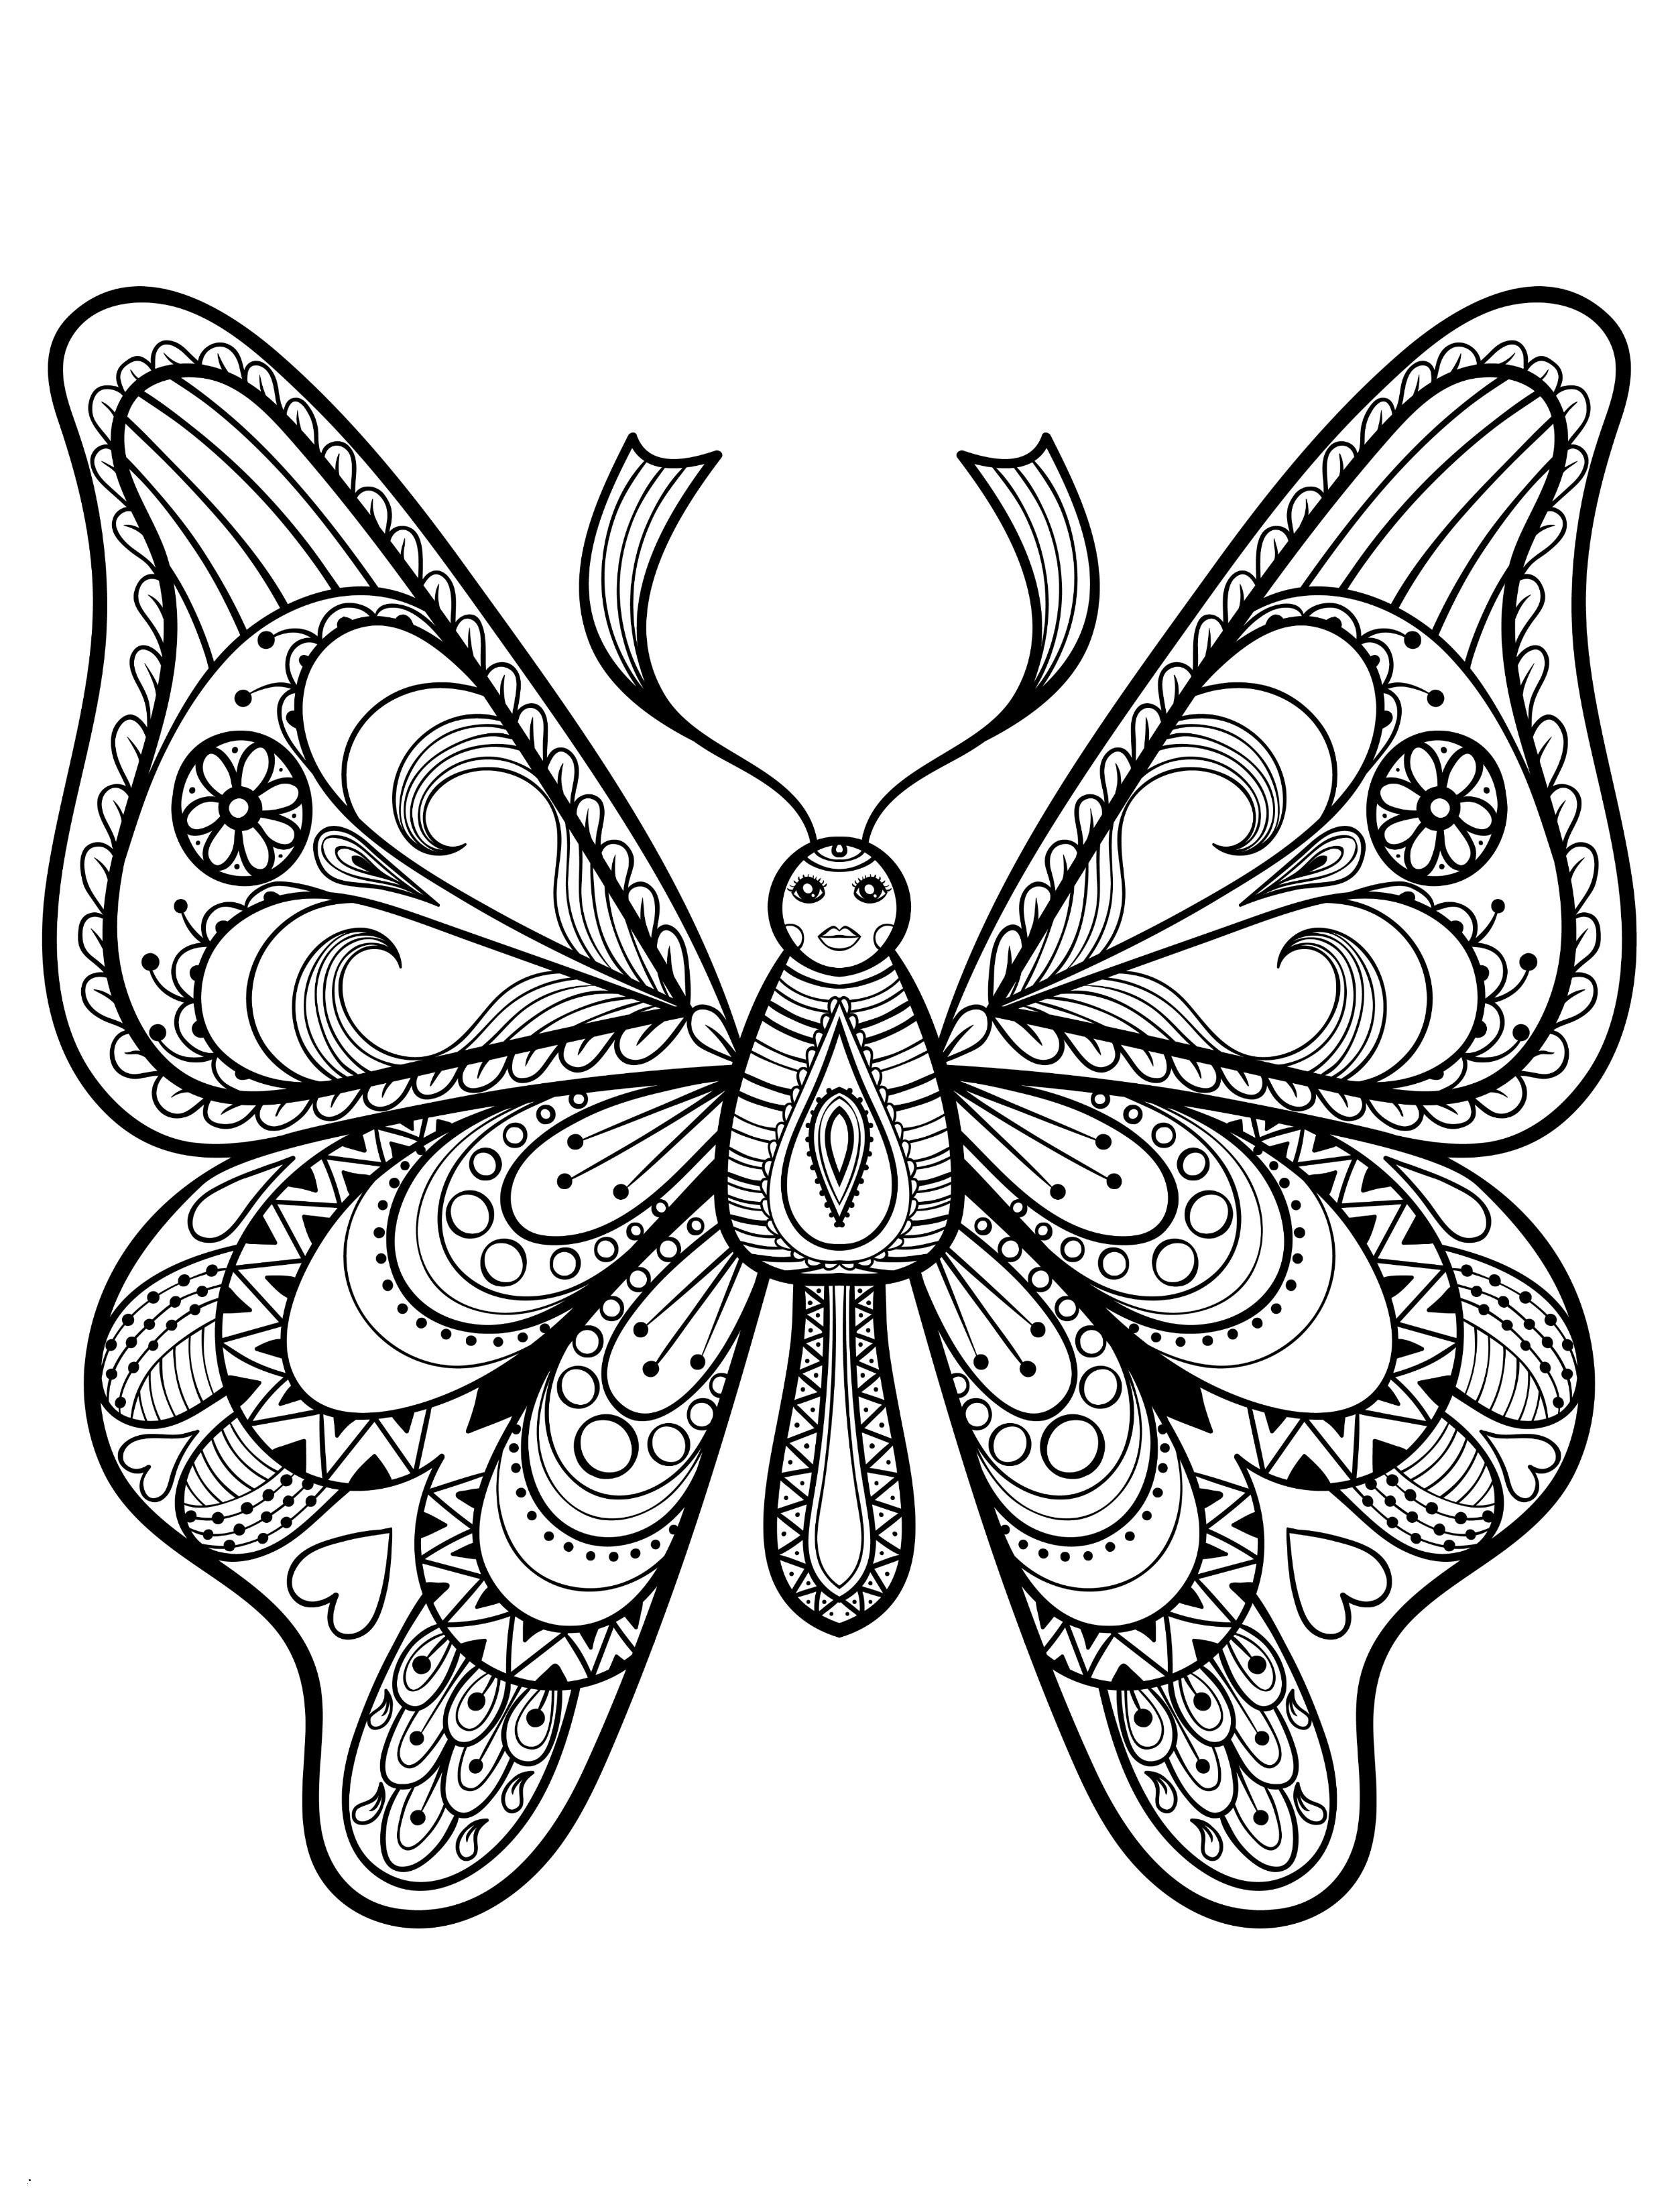 Mandalas Zum Ausmalen Schmetterling Das Beste Von 48 Idee Malvorlagen Schmetterlinge Treehouse Nyc Sammlung